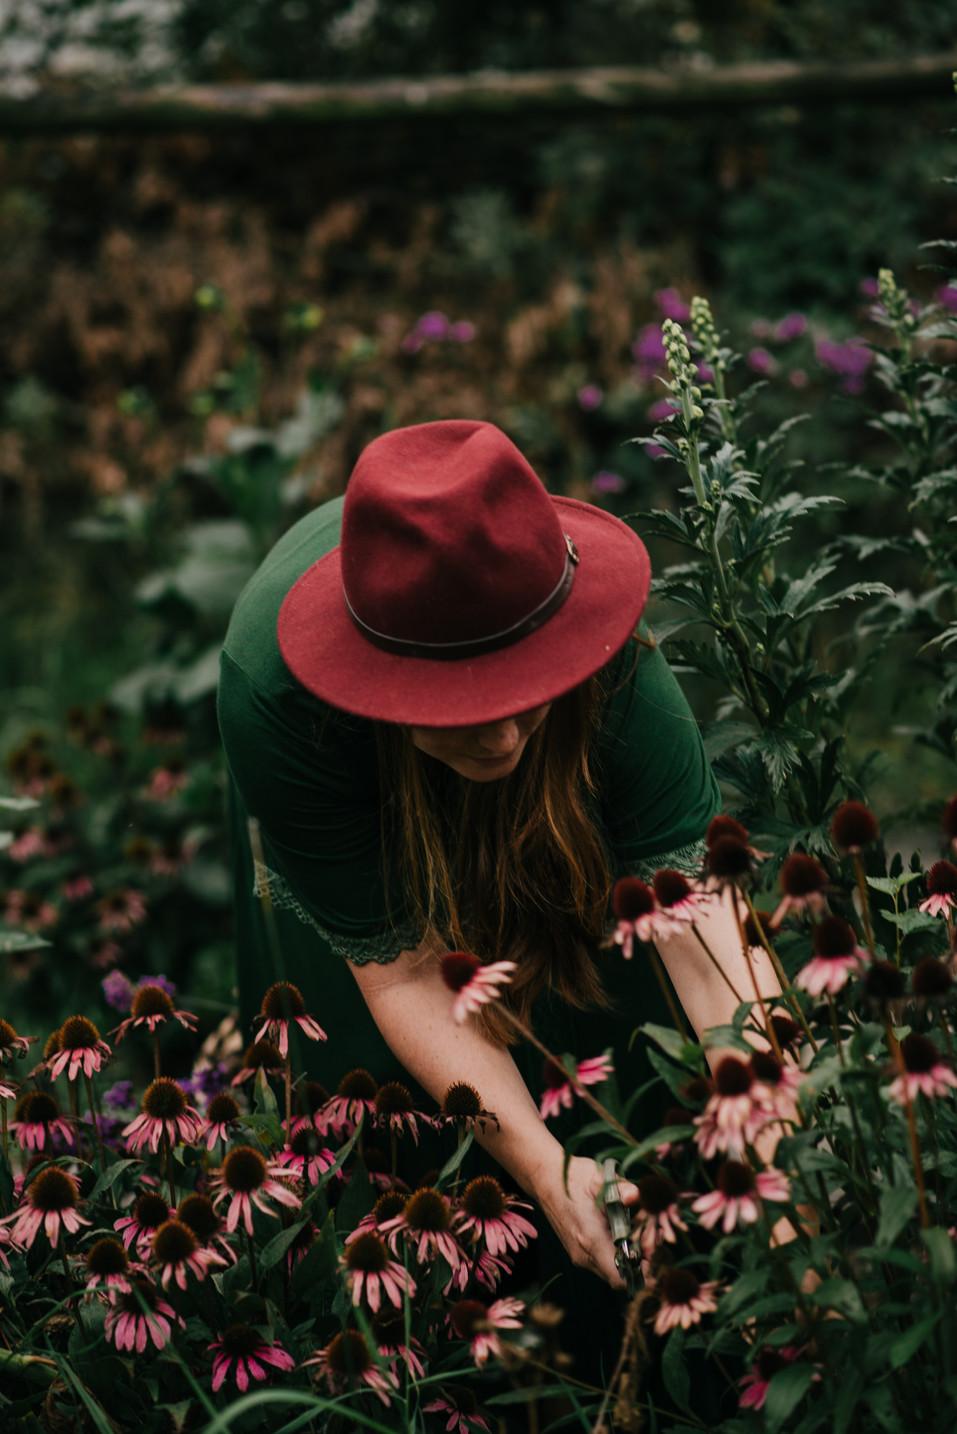 Pluktuinshoot pluktuin bloemenweide fotoshoot Tumbleweed & Fireflies fotografie bloemen plukbloemen veldbloemen wildflowers